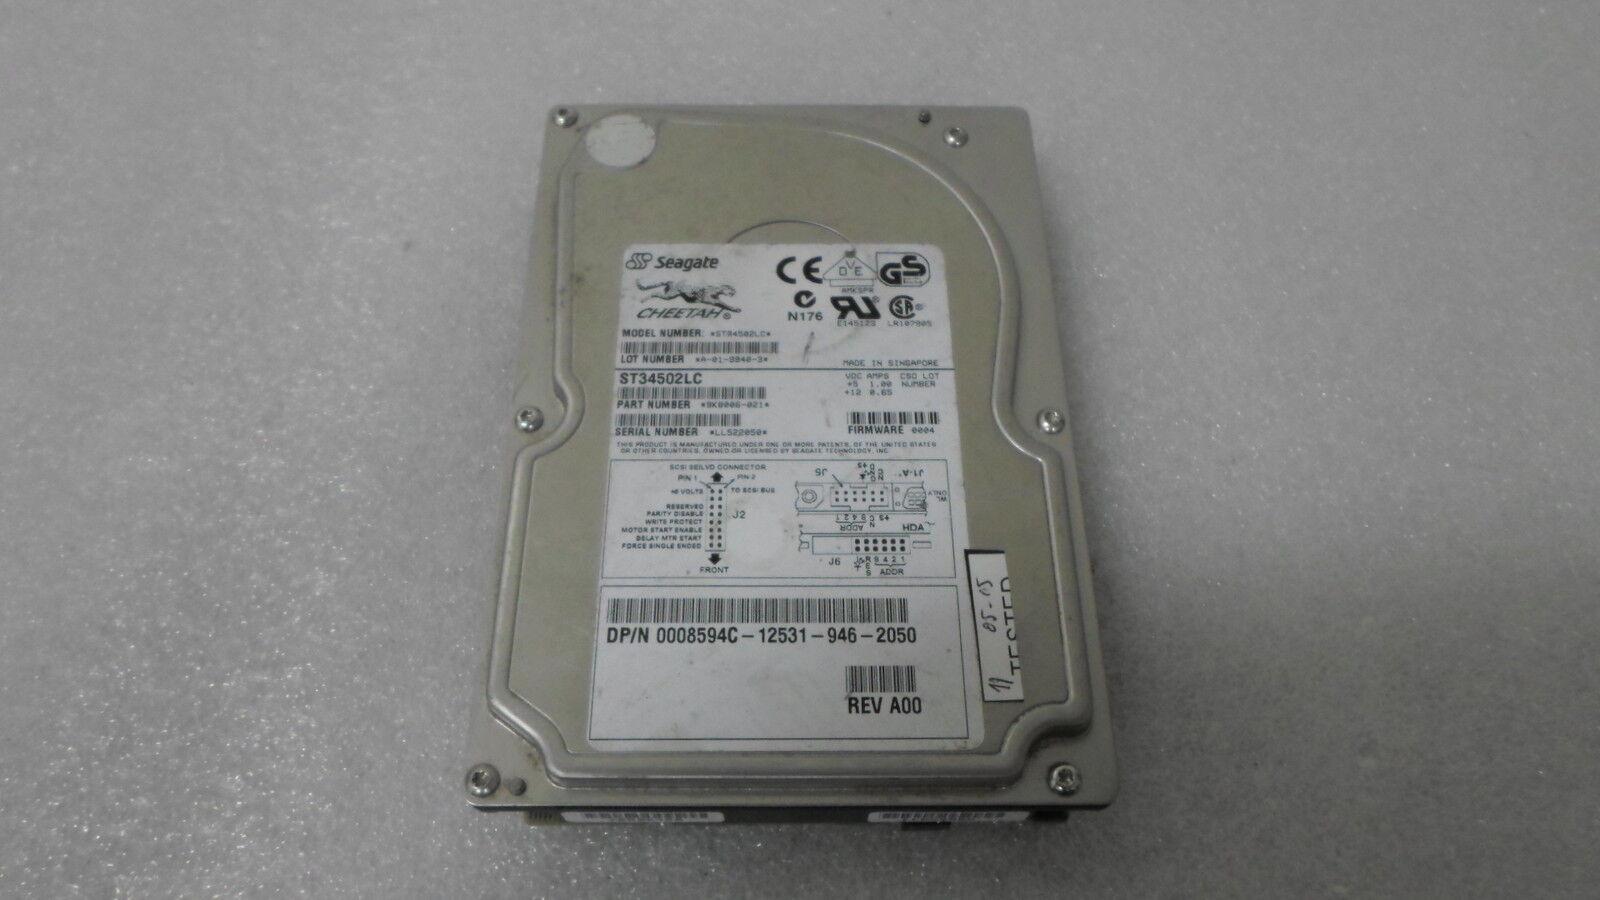 ST34502LC